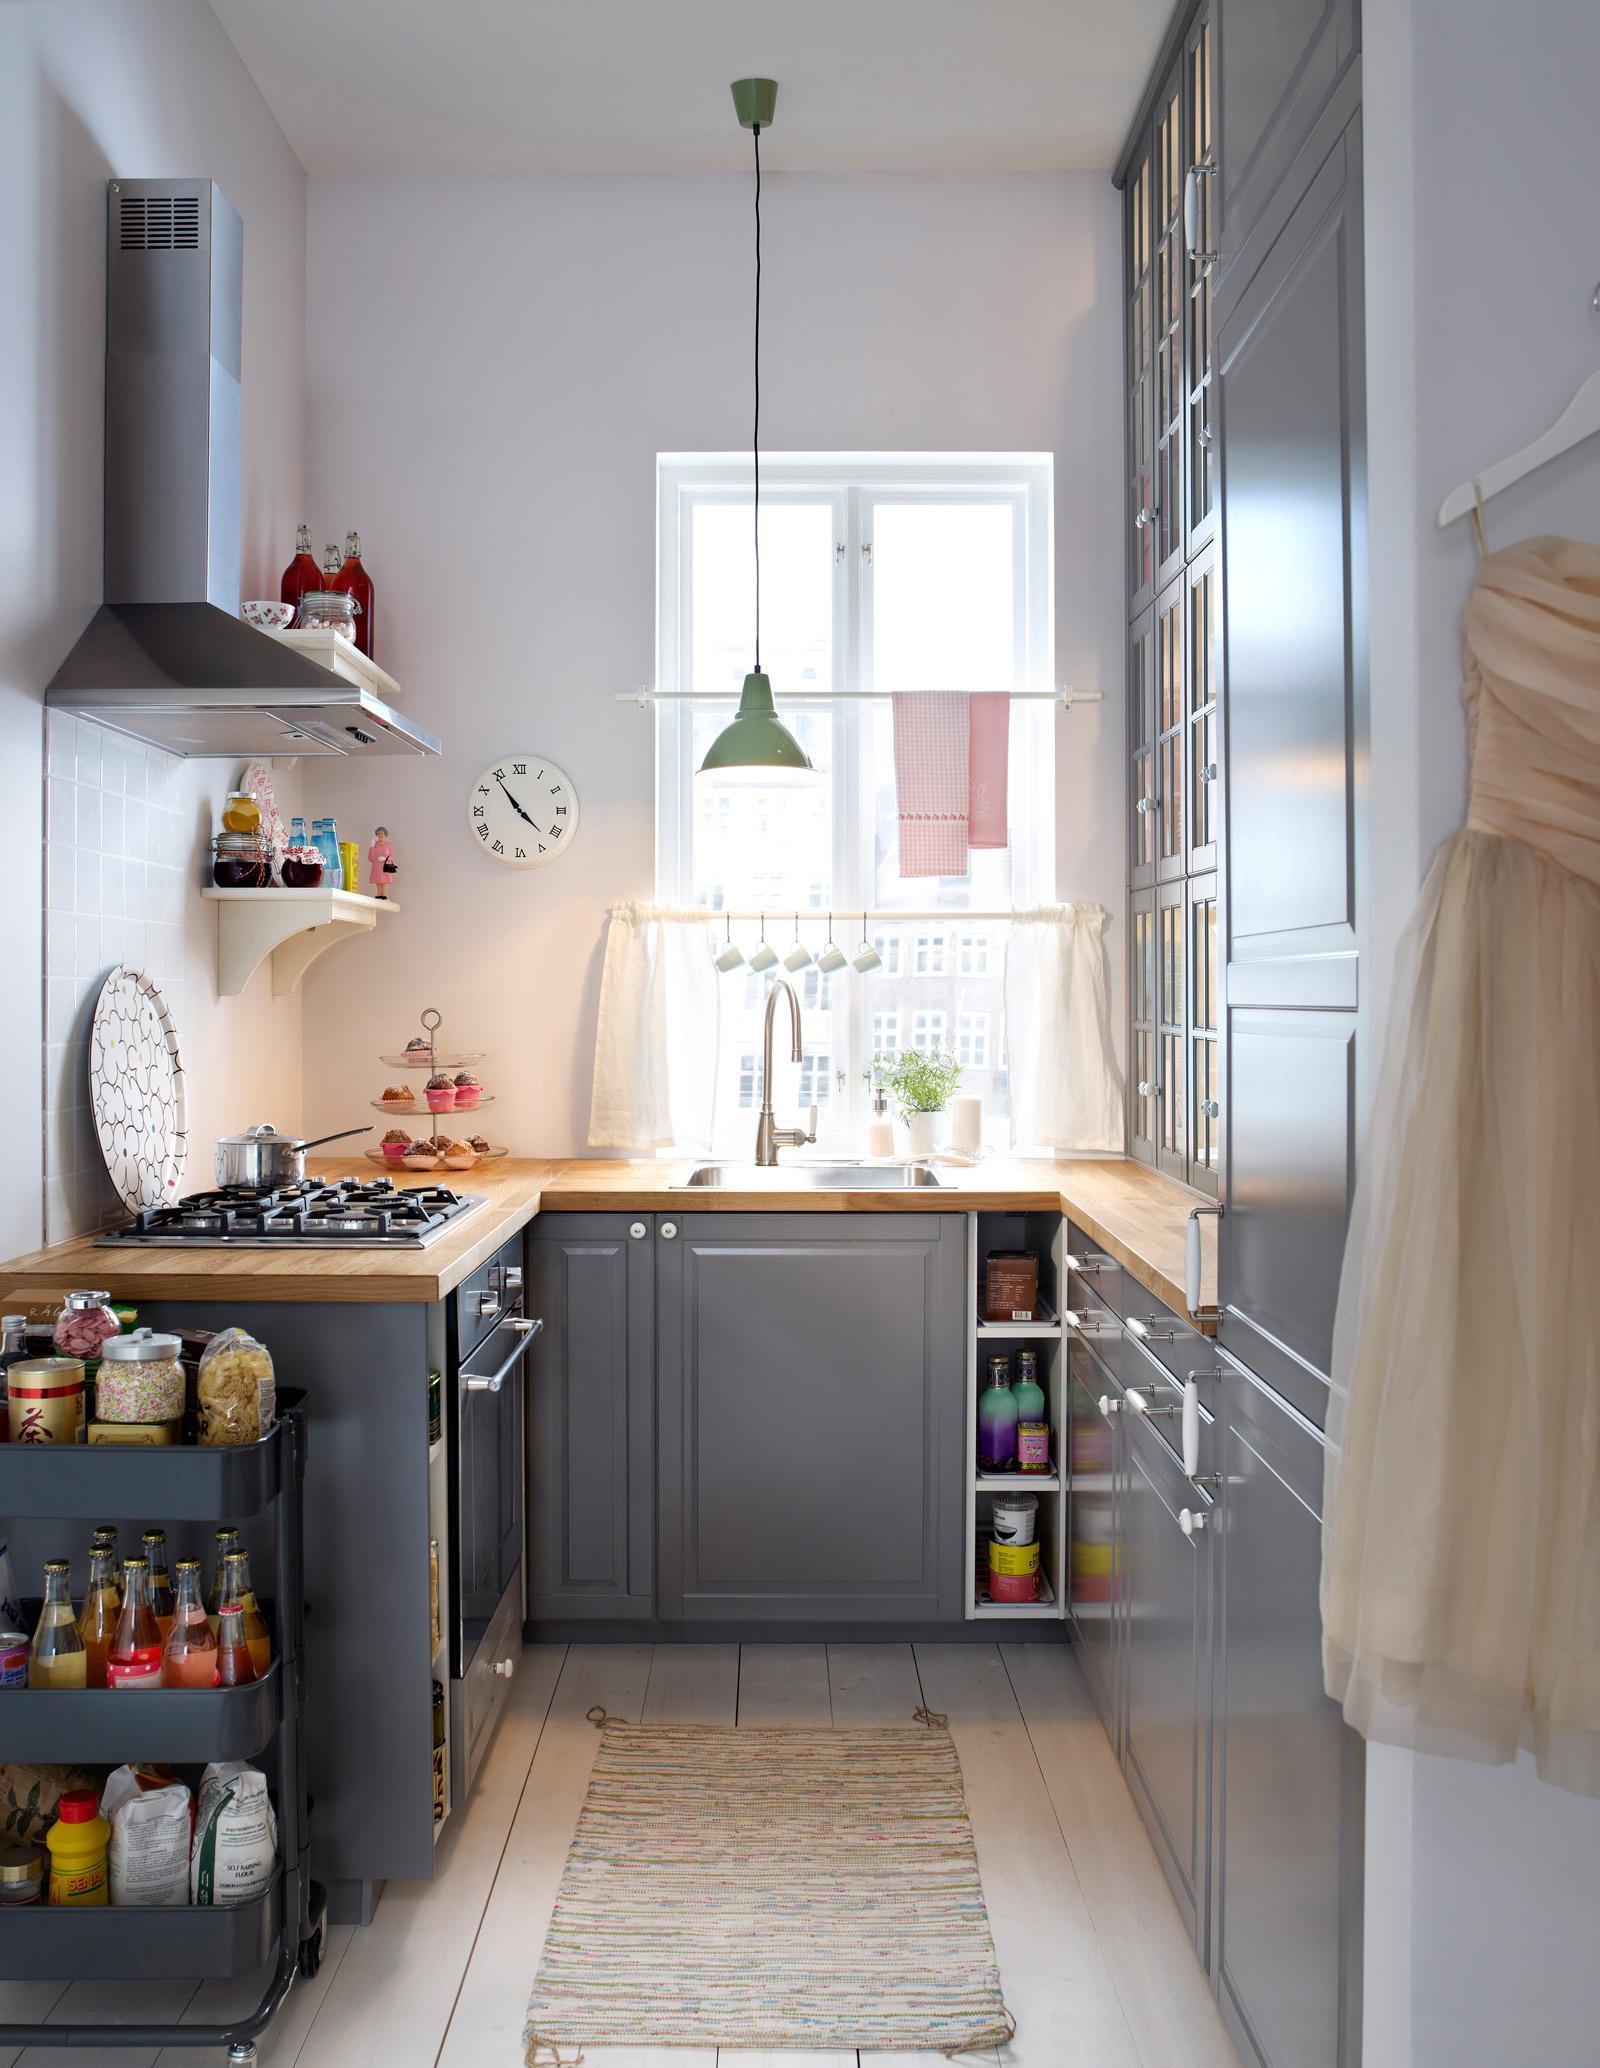 Full Size of Stauraum In Der Kleinen Kche Teppich Aufbewahrung Lüftung Küche Gardinen Armaturen Deckenleuchten Miniküche Mit Kühlschrank Lieferzeit Schmales Regal Wohnzimmer Teppich Küche Ikea